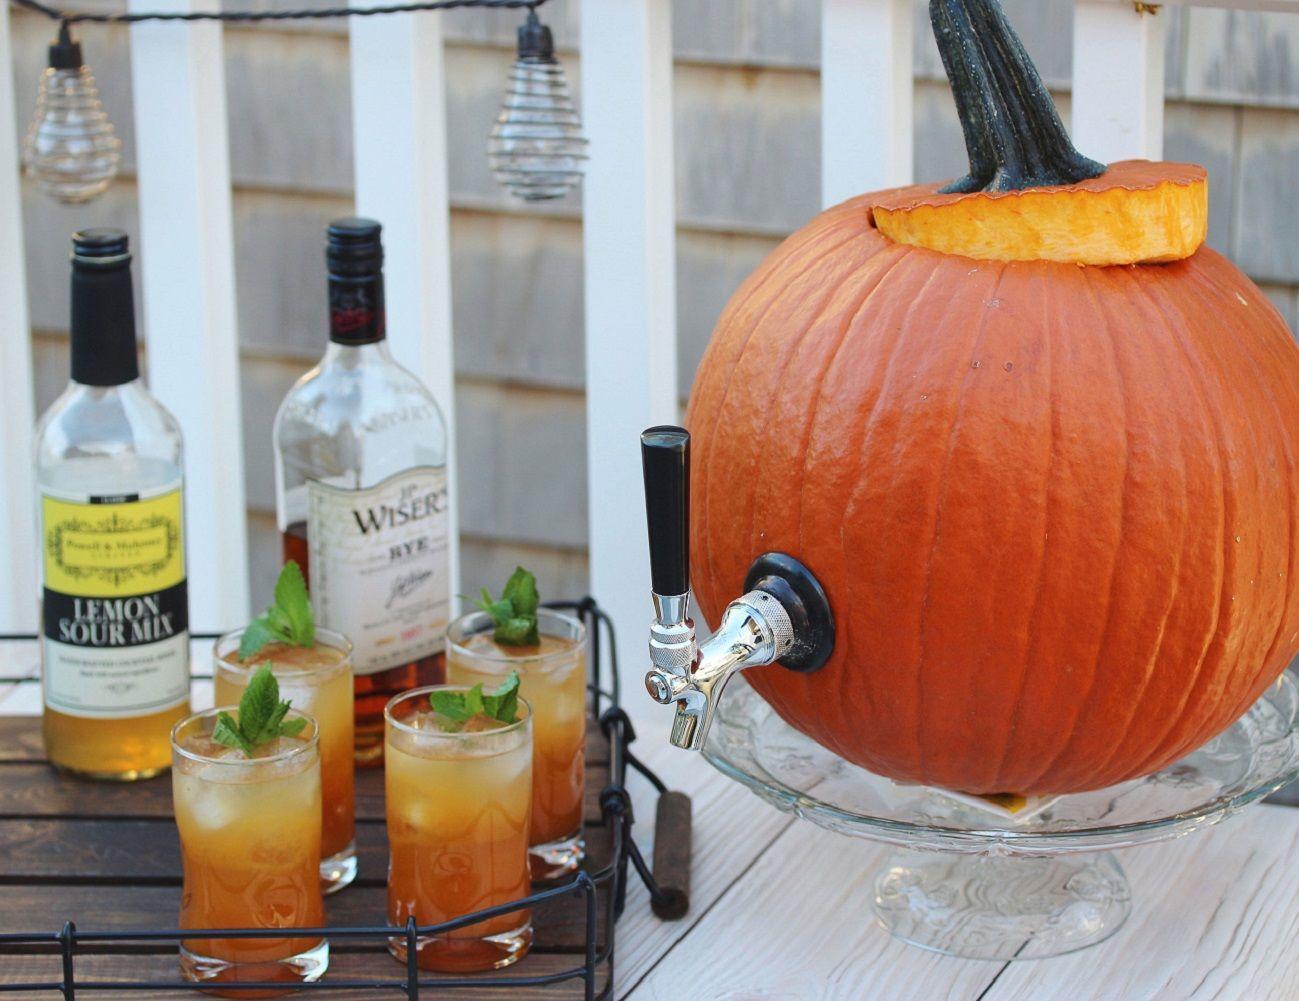 Pumpkin+Tap+Kit+From+KegWorks